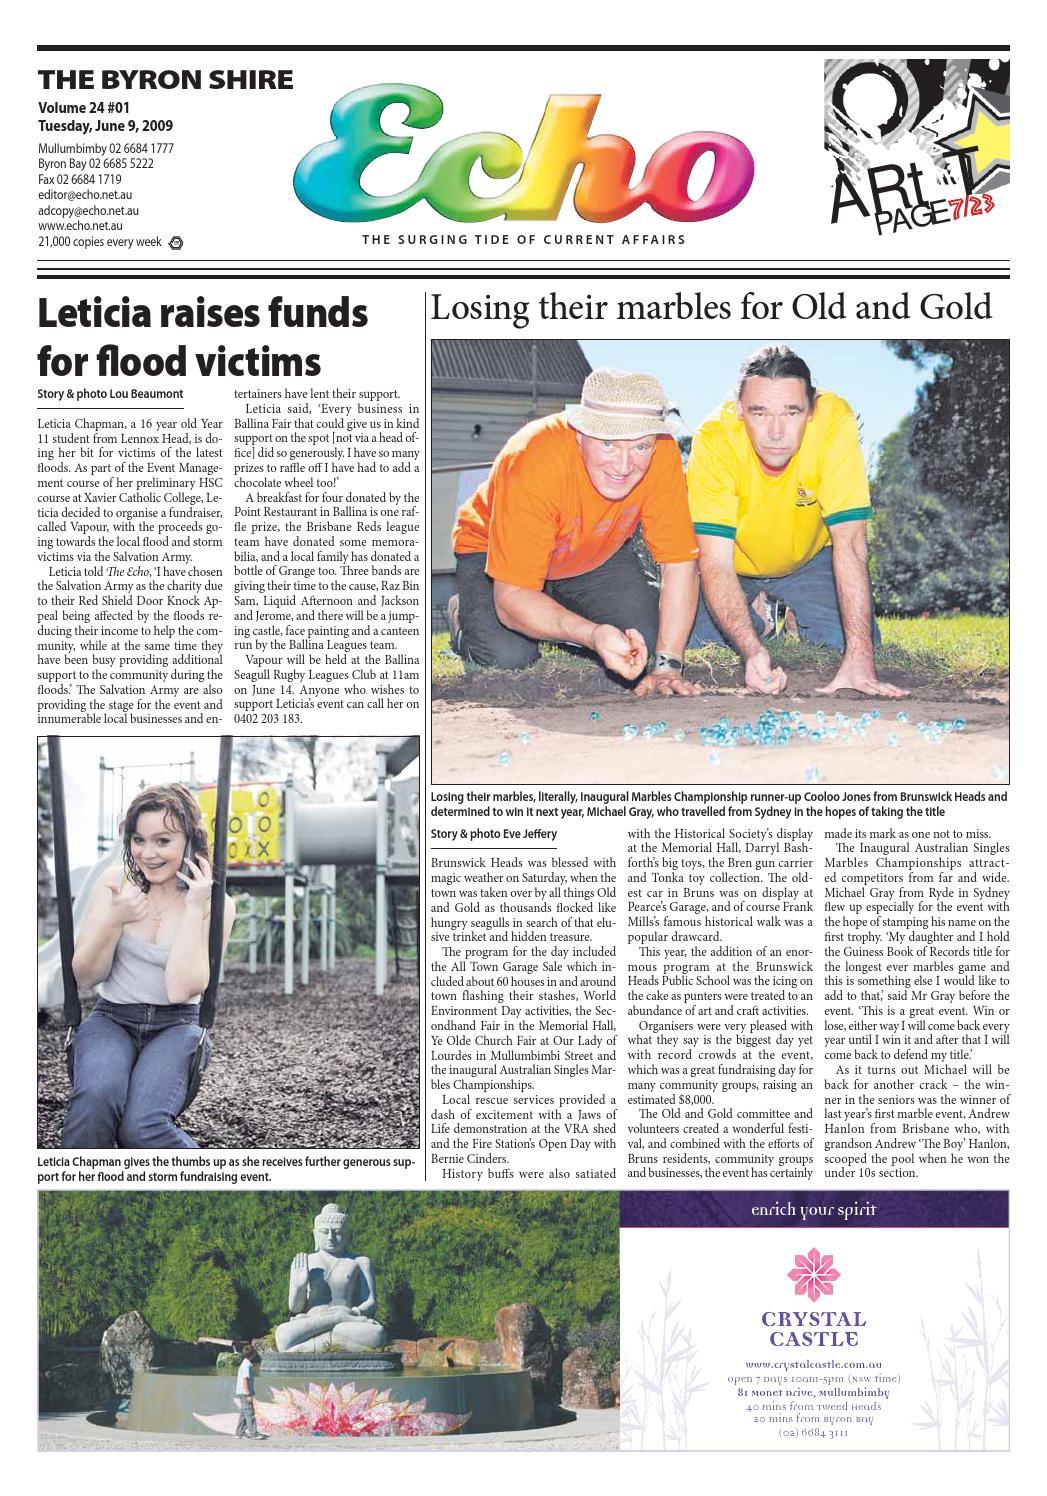 Byron Shire Echo – Issue 24.01 – 09/06/2009 by Echo Publications - issuu